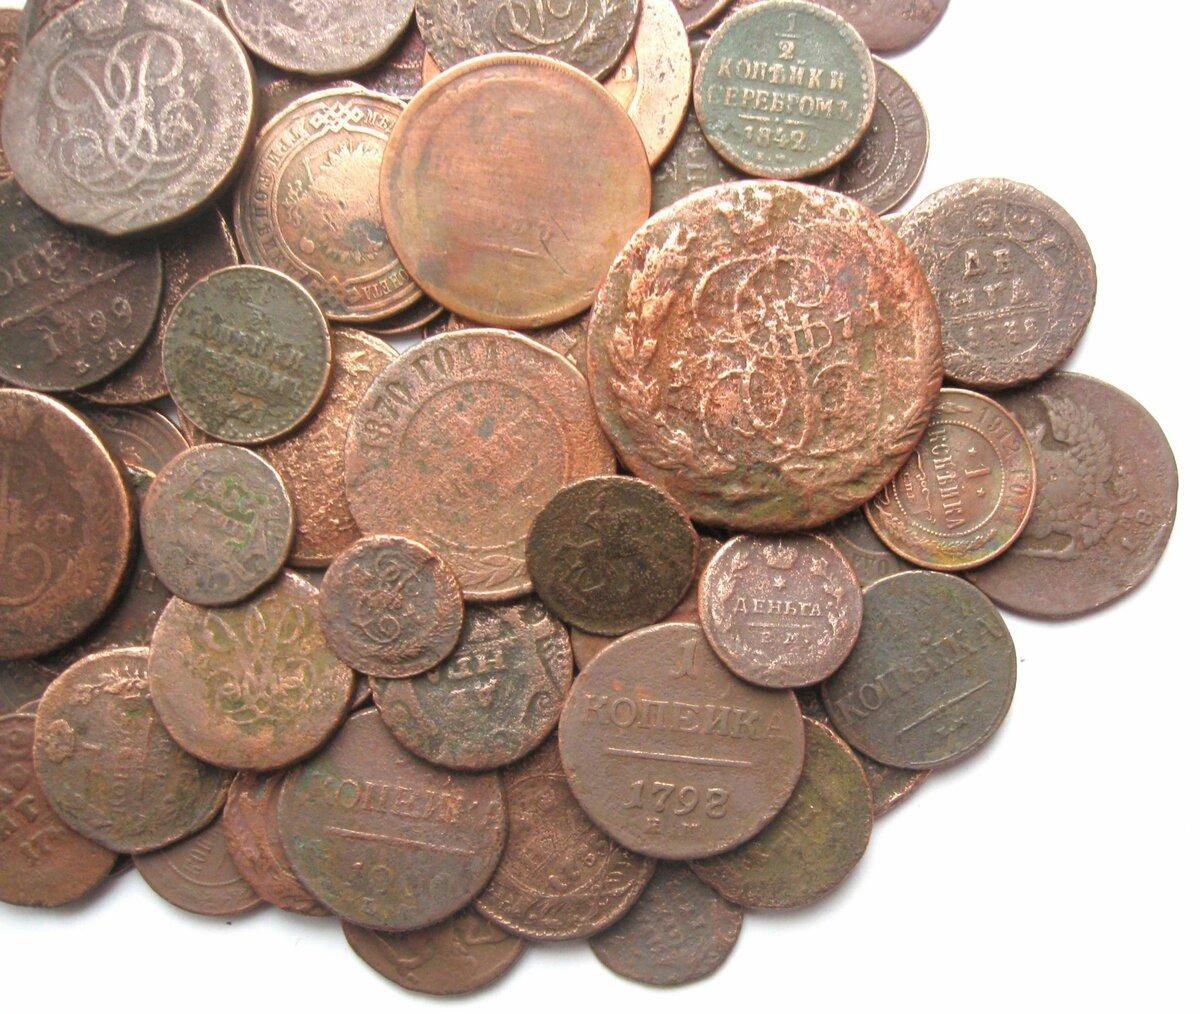 демидовские деньги картинки